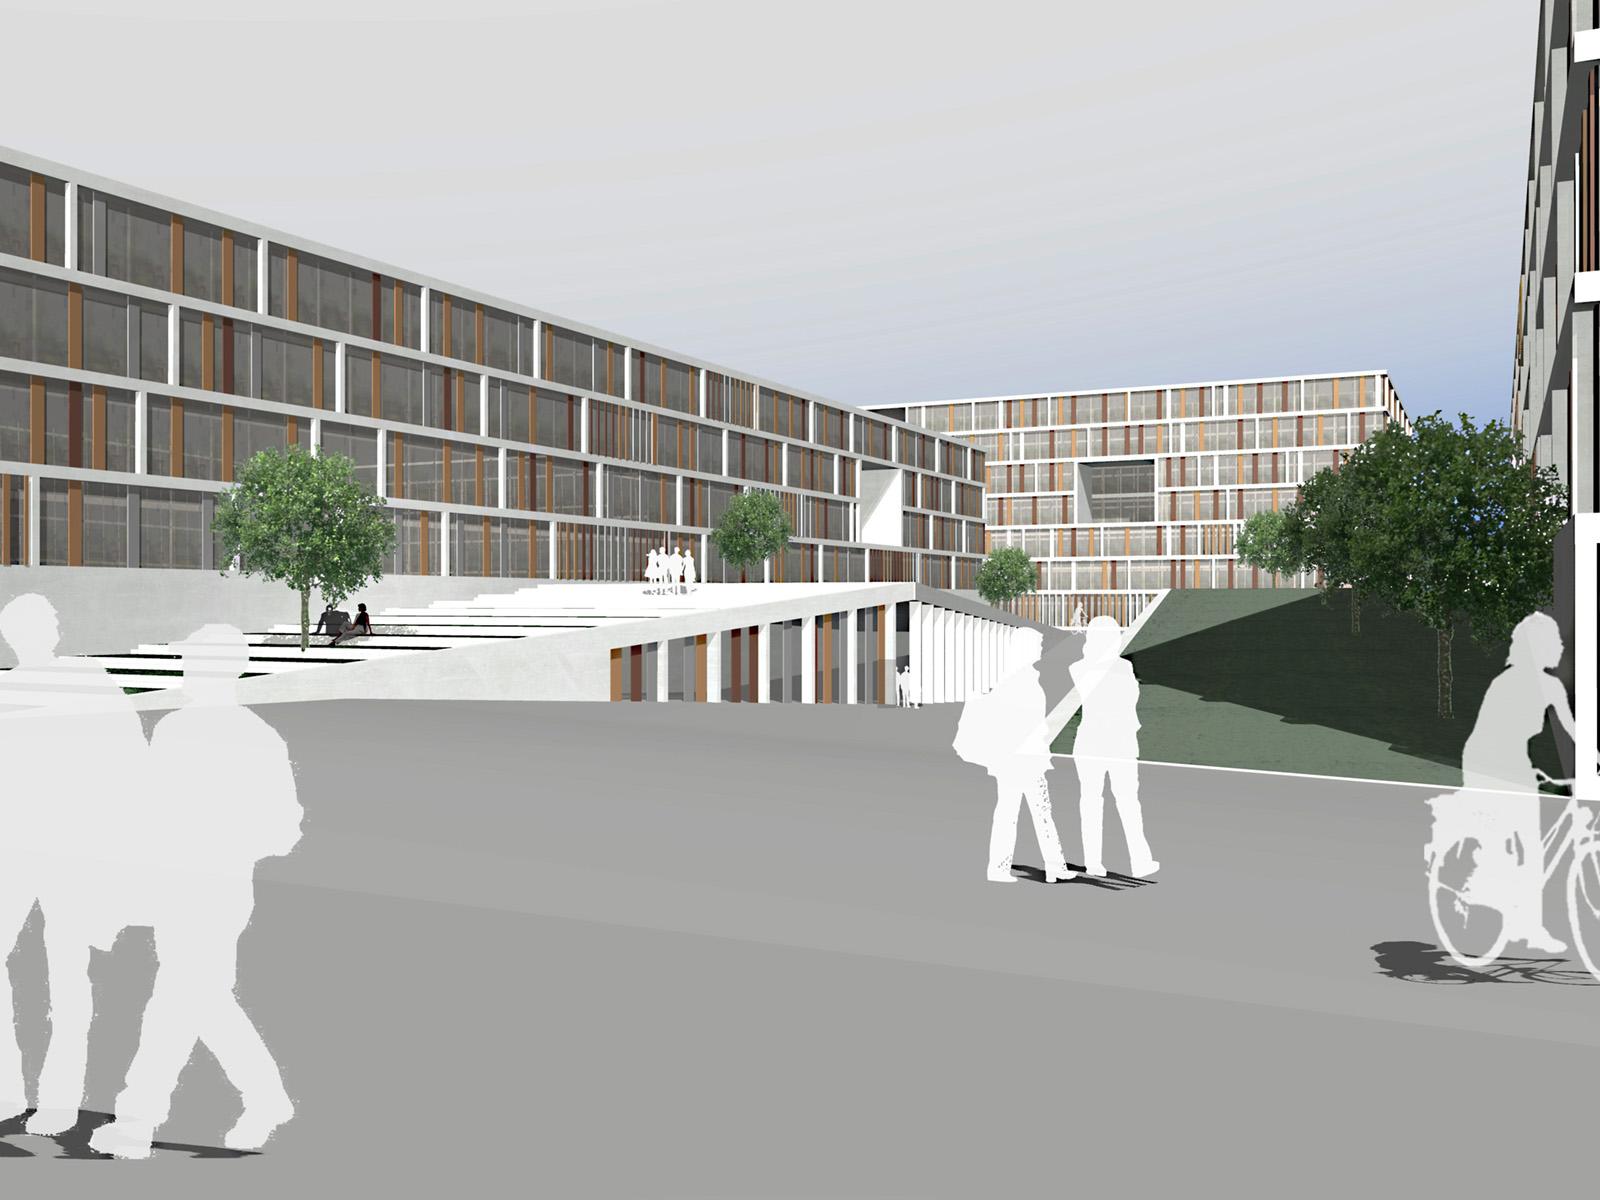 Perspektive Wettbewerb Steuerverwaltung in Muenchen-Wettbewerb-2.Preis-2008 Friedrich Poerschke Zwink Architekten